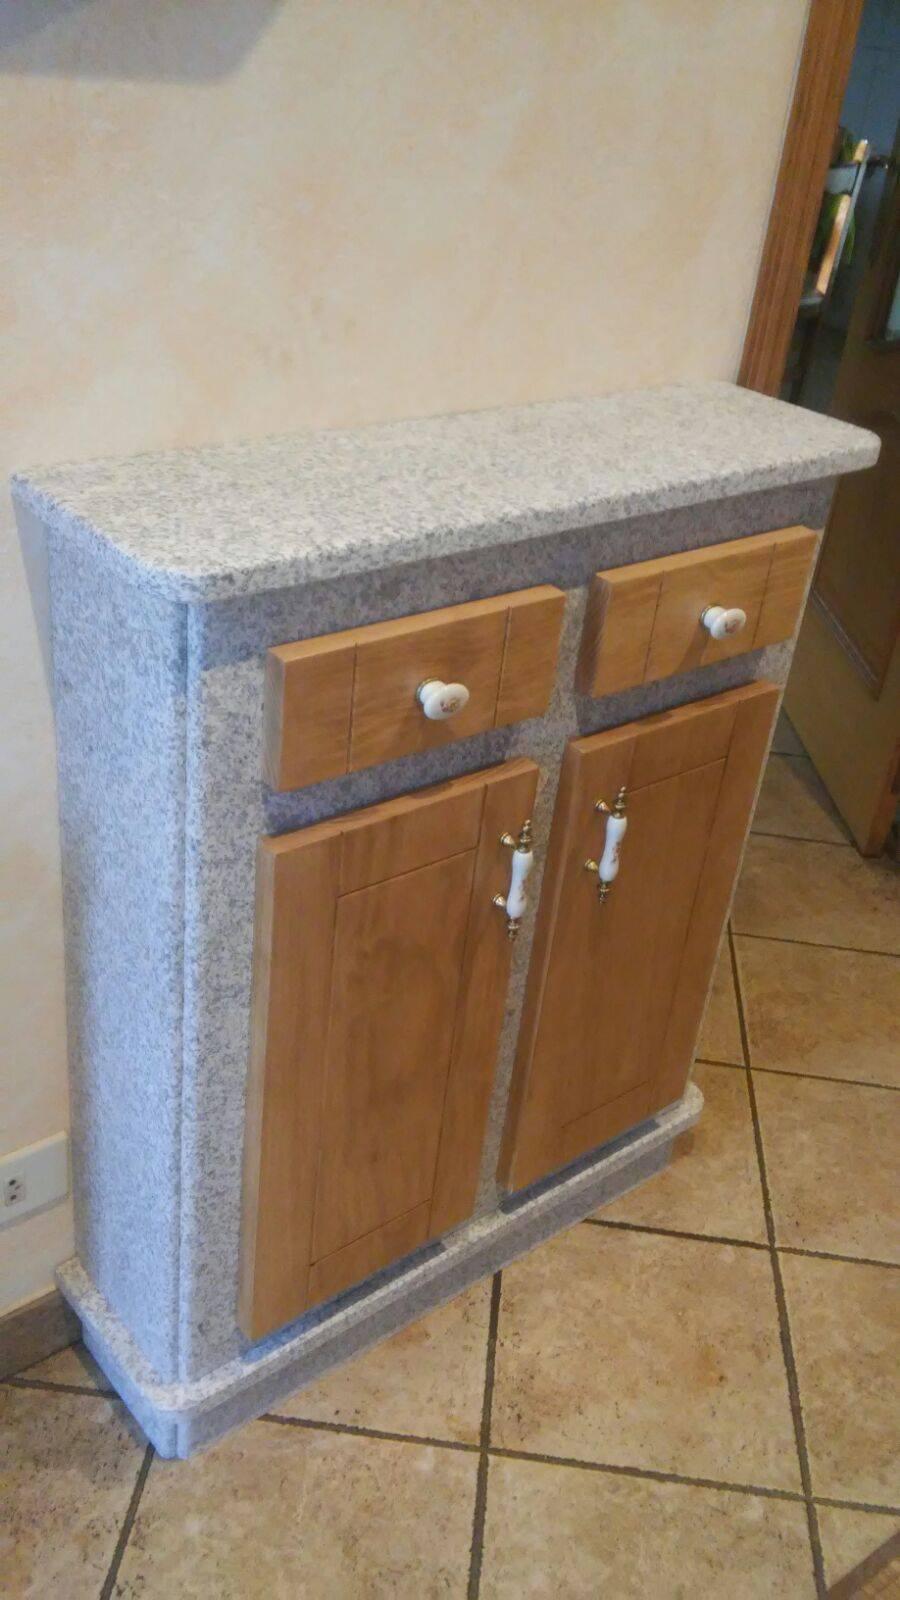 Mueble de entrada pedri as - Muebles de piedra ...